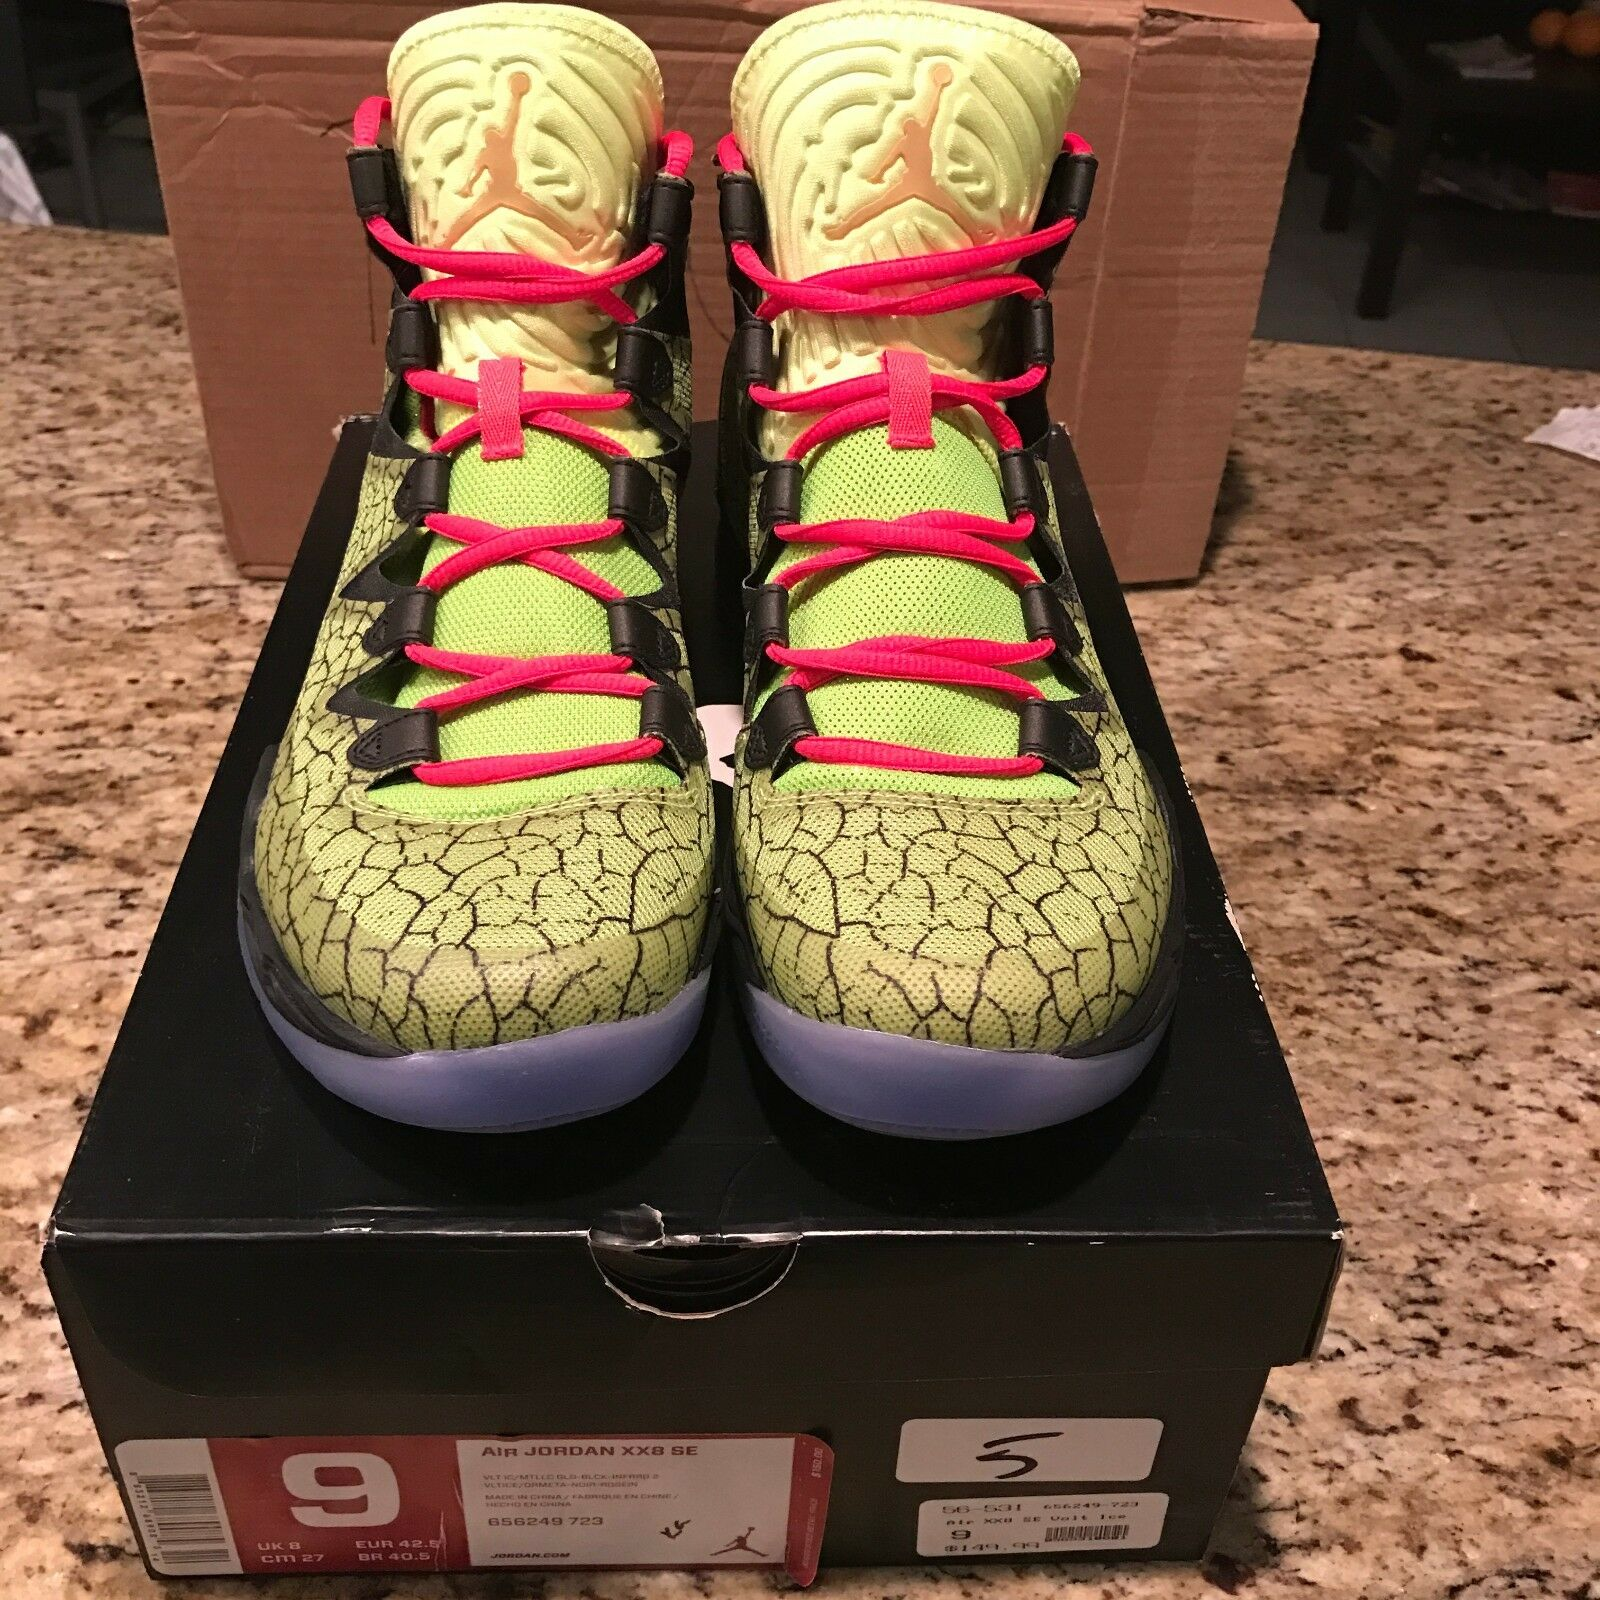 Nike air jordan xx8 se all - star - - volt - eis metallisches gold - - 23 656249 723 sz - 9. 0a133a